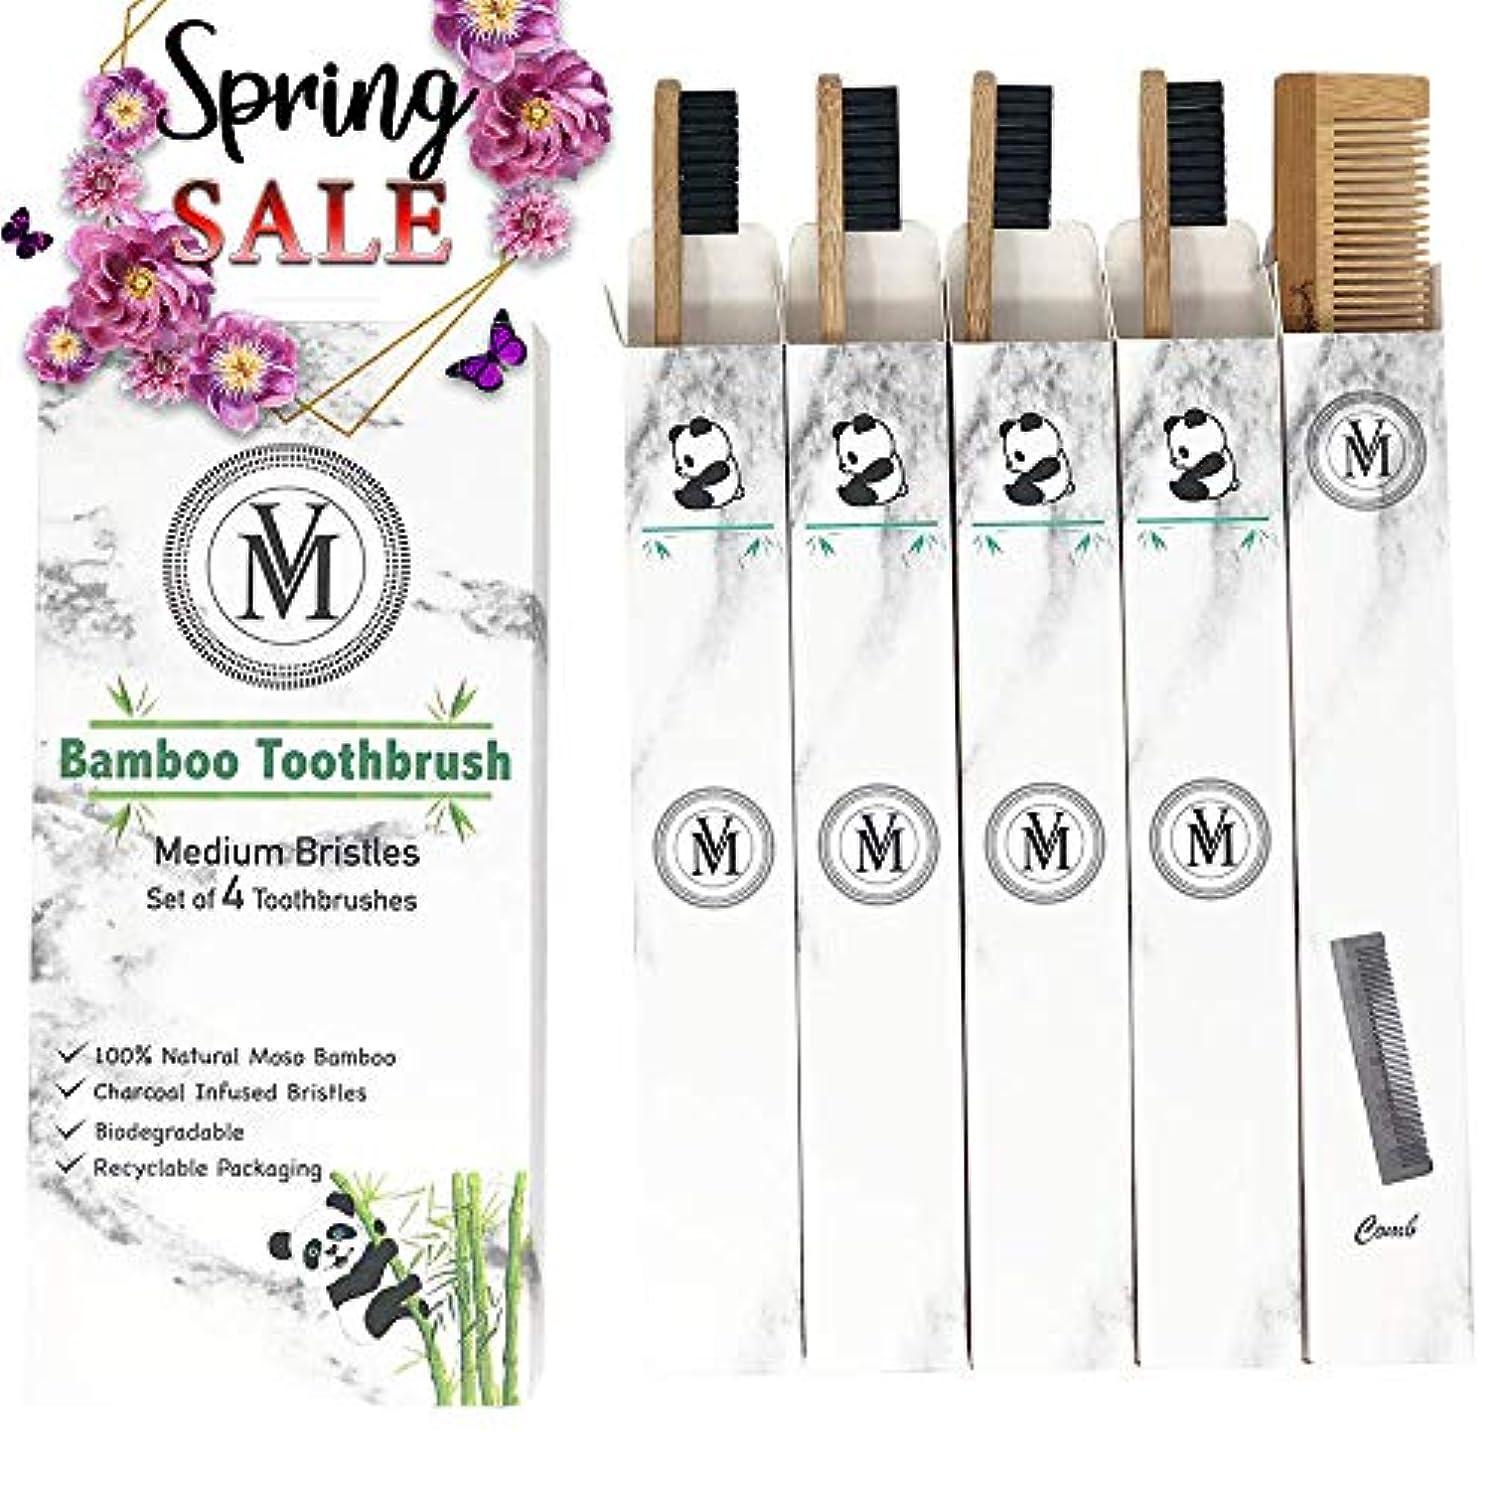 再生可能蓮後者Bamboo Toothbrushes Charcoal Eco Friendly Biodegradable Natural Wooden Toothbrush - 4 Pack - Soft Medium Bristles...